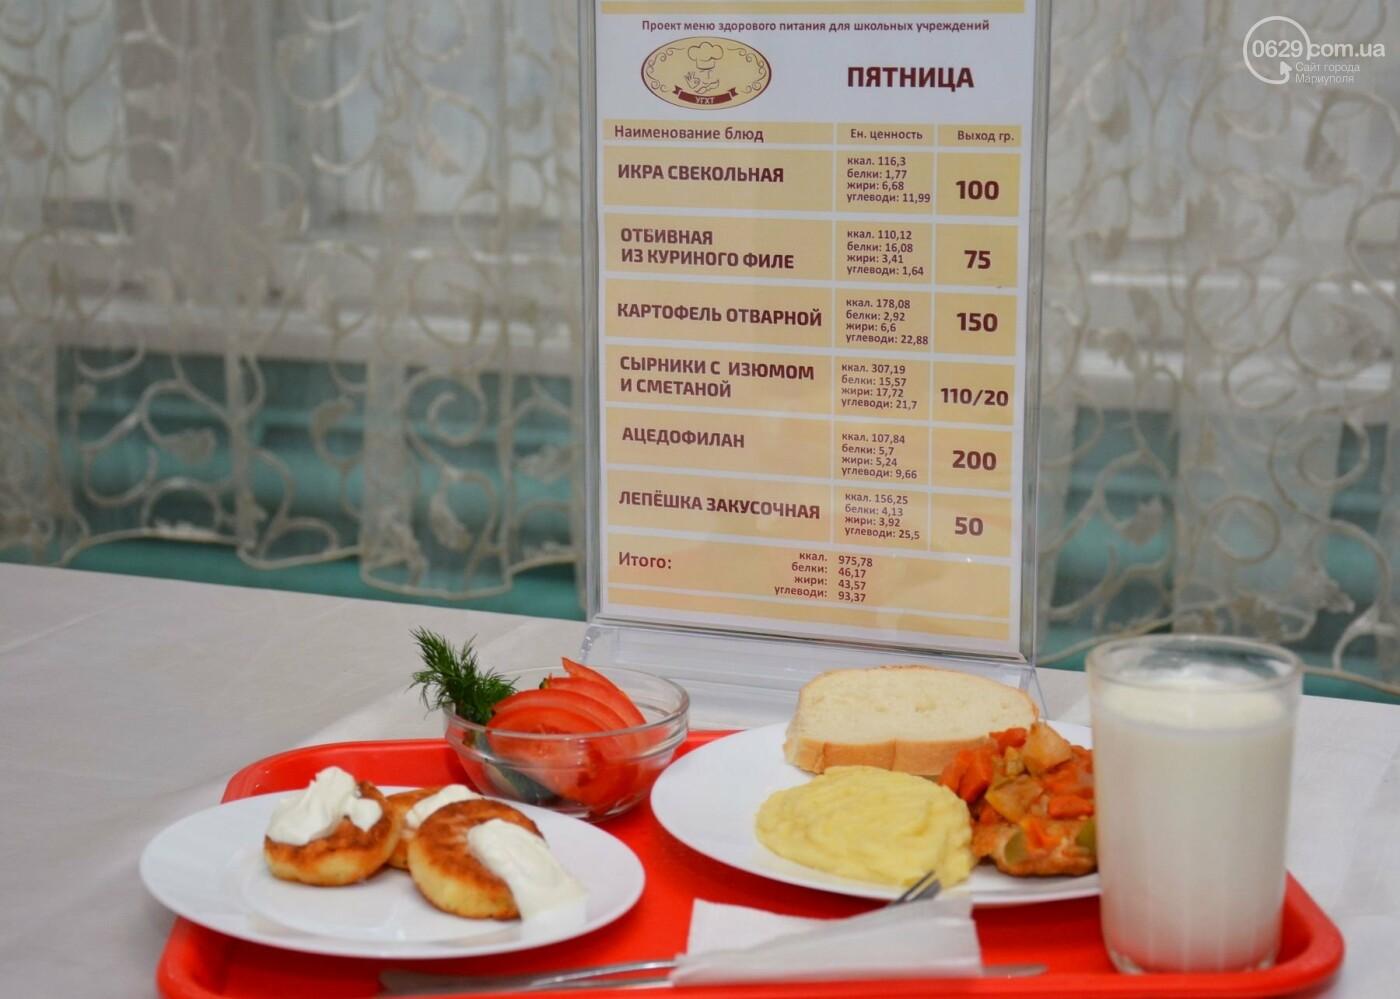 Больше молочных и мясных блюд, свежих овощей и фруктов: в ОШ № 15 представили обновленное меню для школьников., фото-9